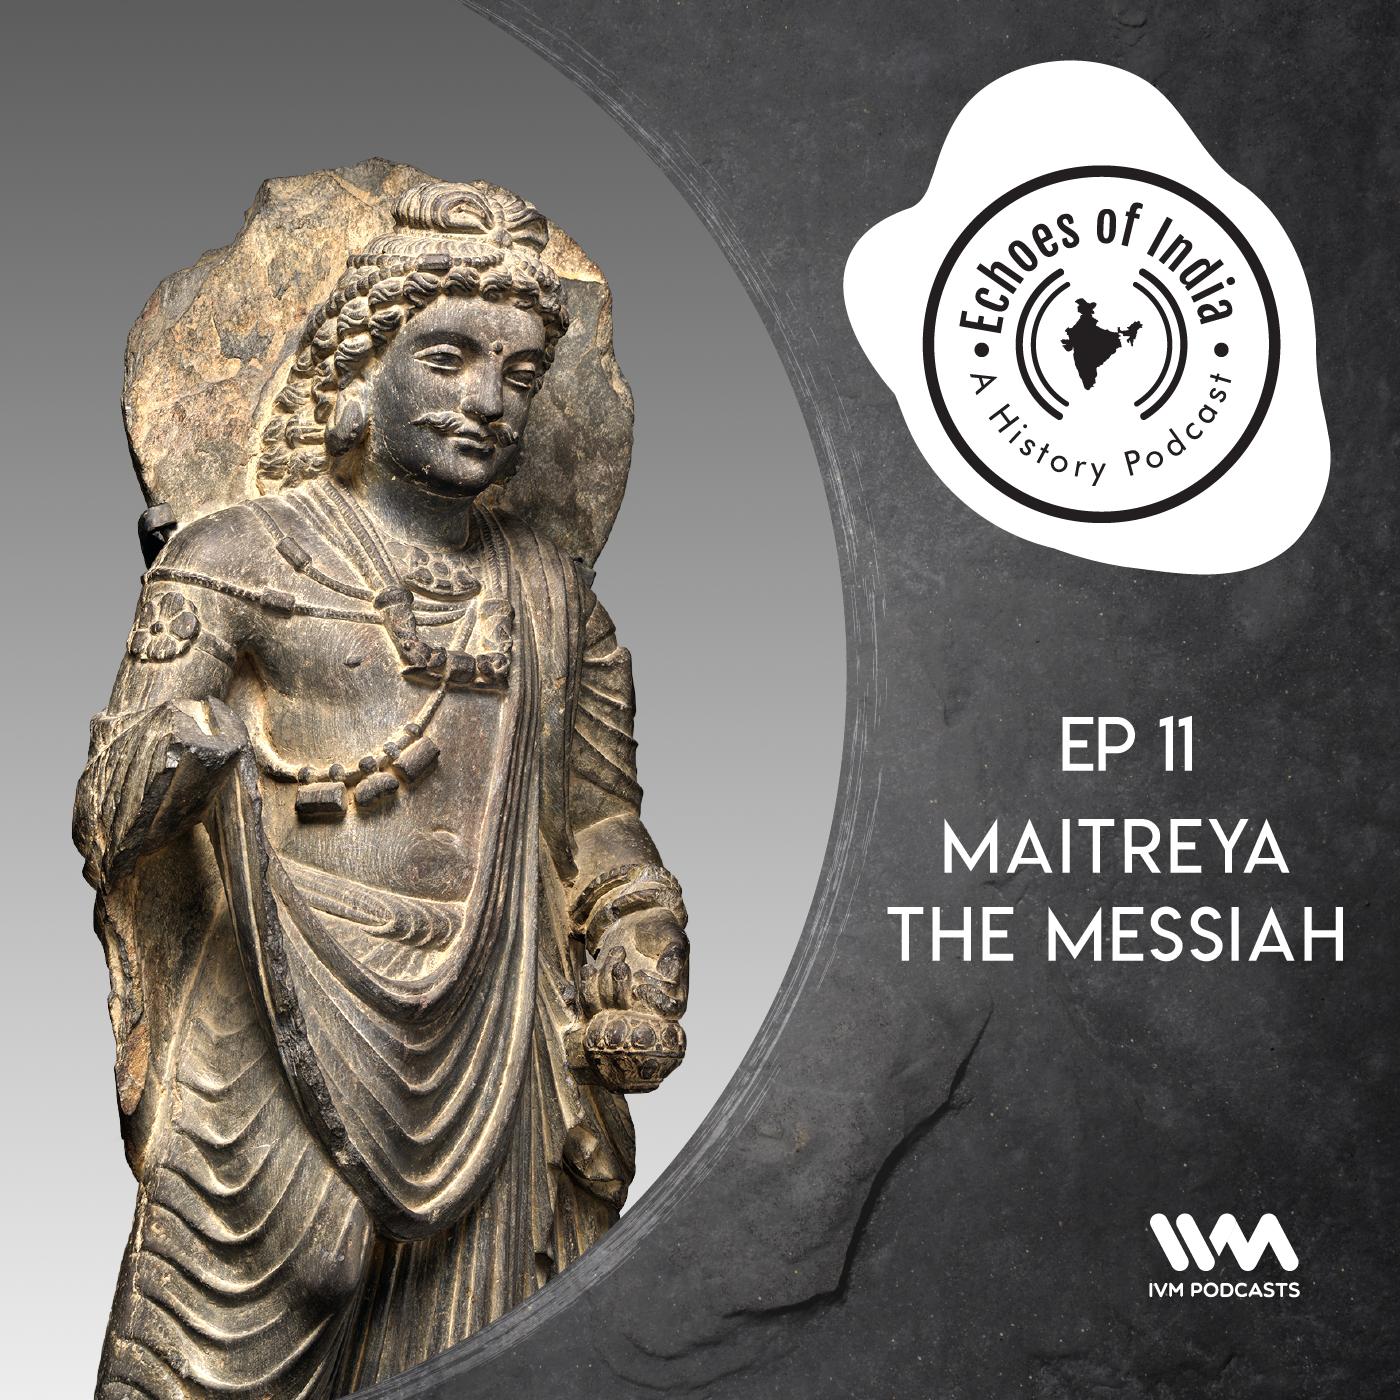 Ep. 11: Maitreya the Messiah